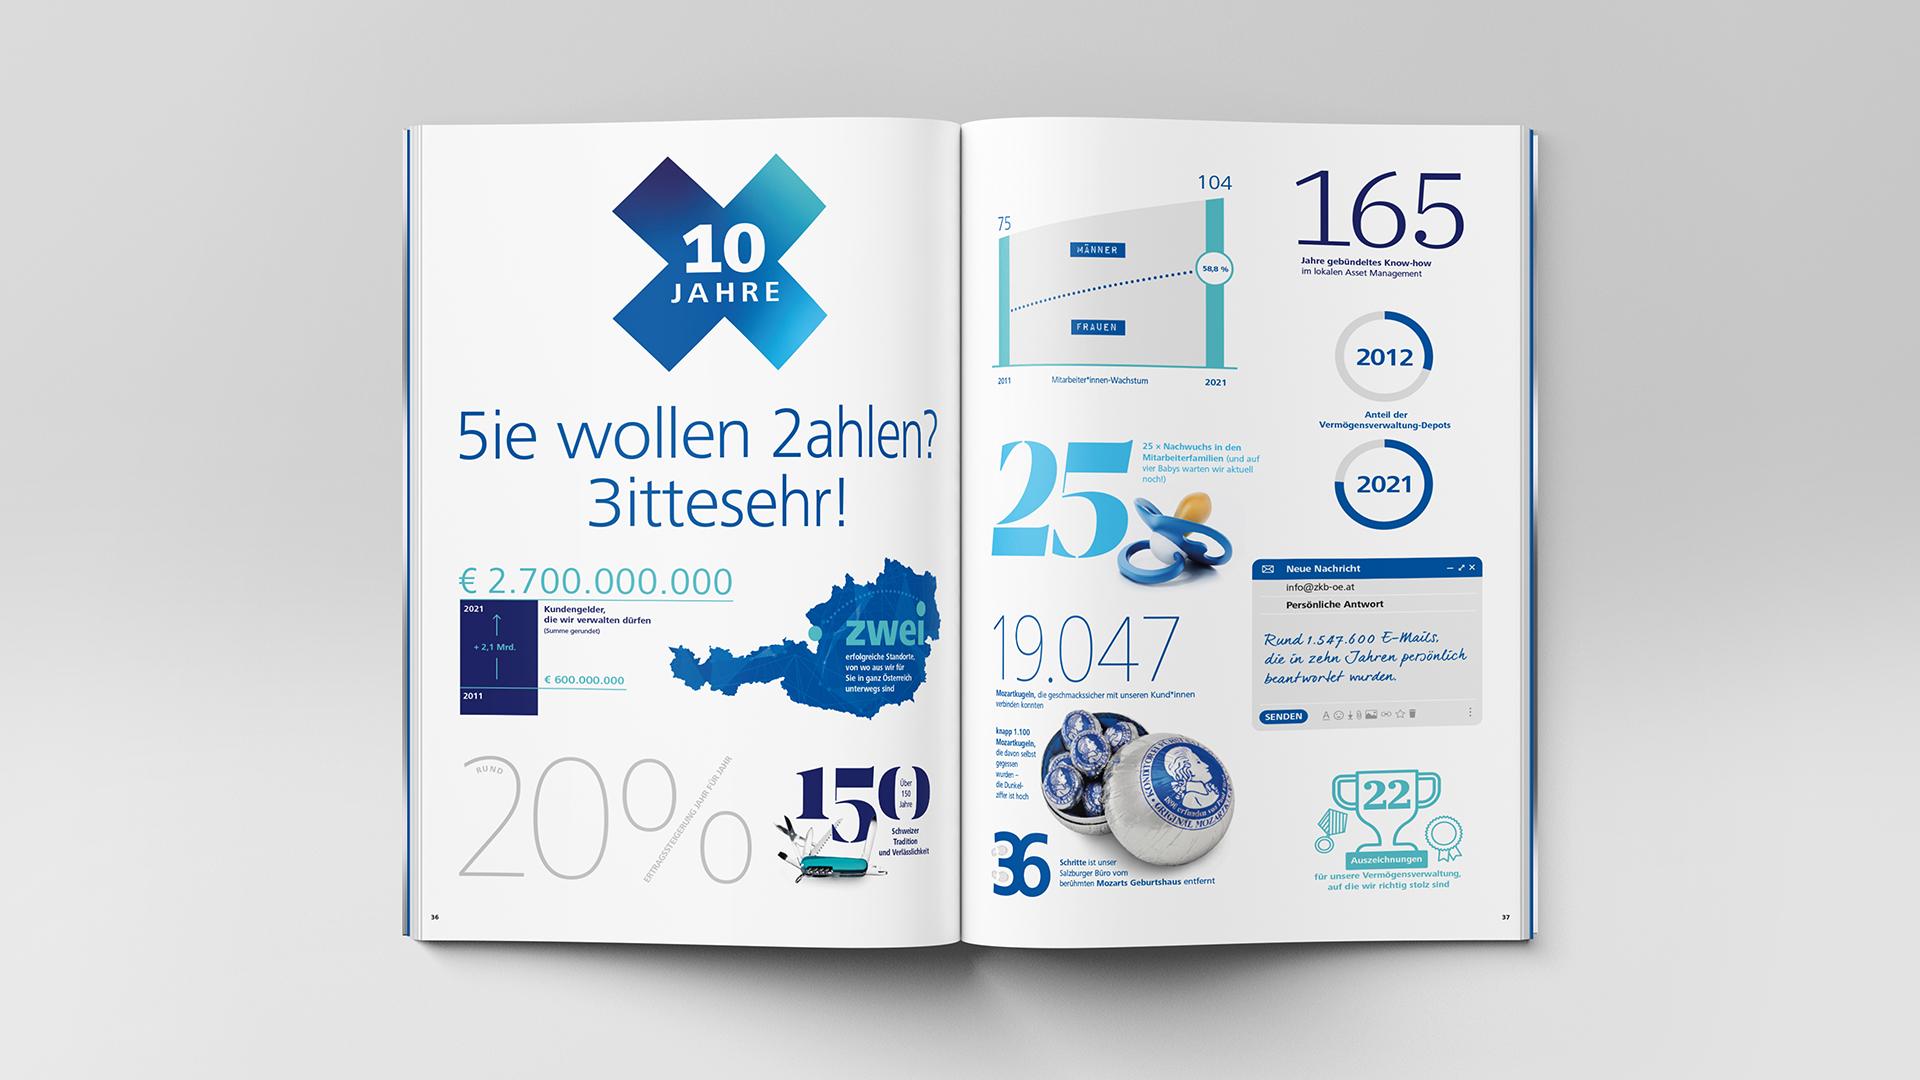 Zürcher Kantonalbank Österreich AG